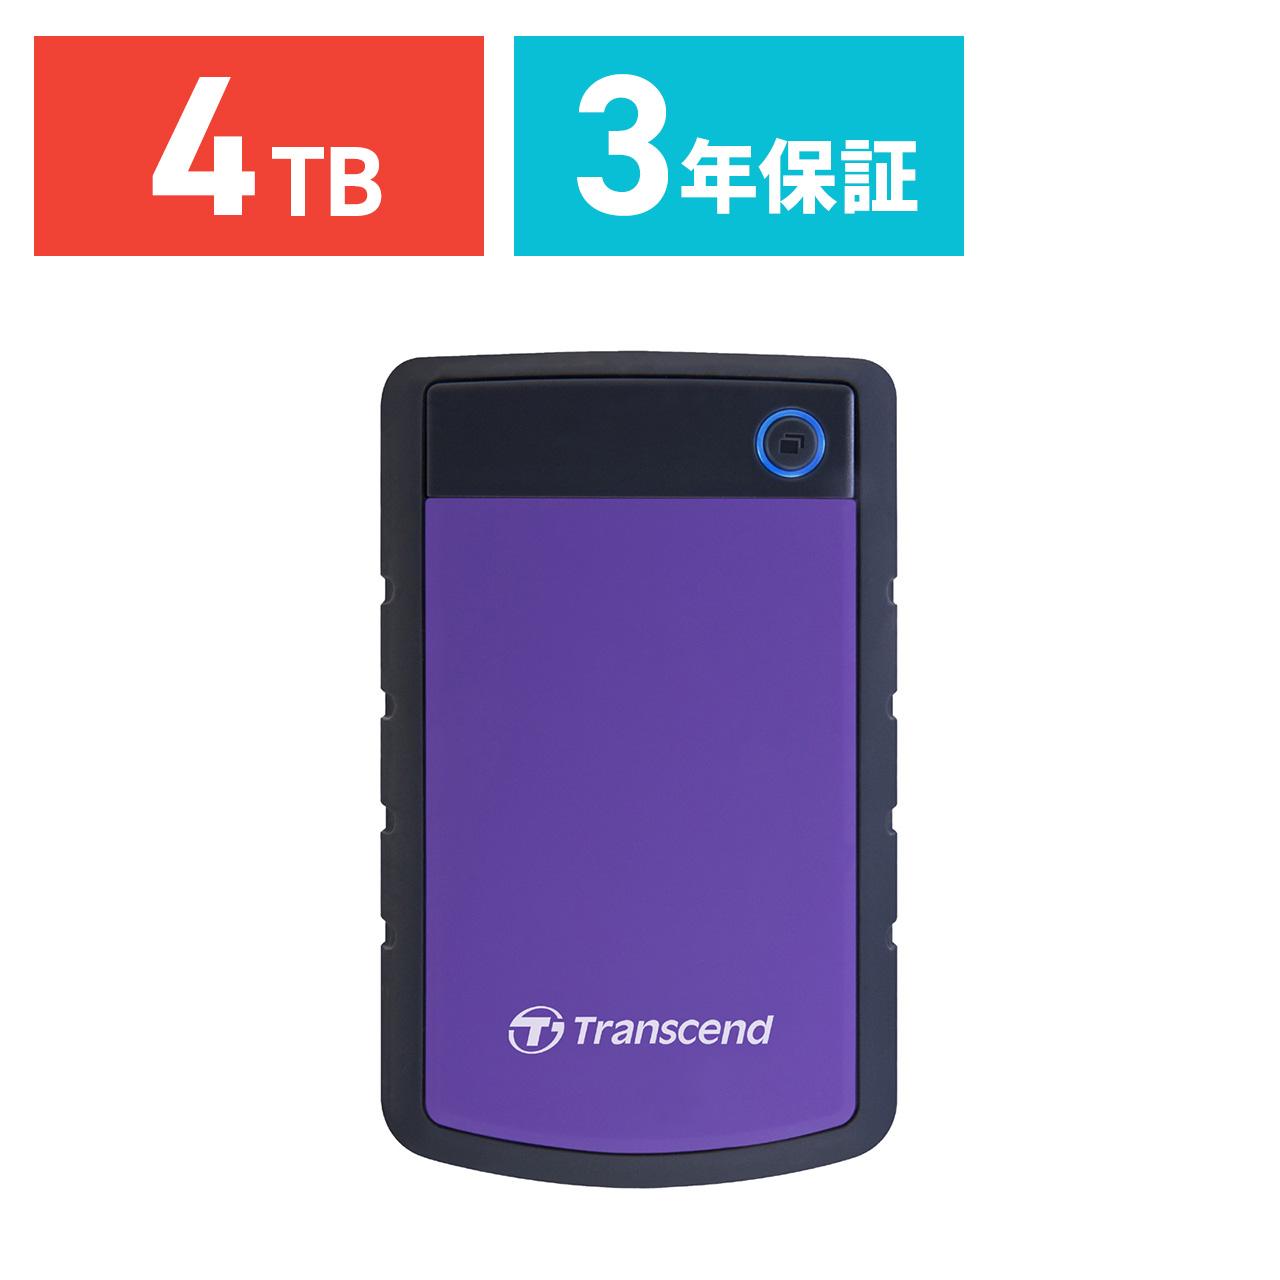 【2月18日値下げしました】Transcend ポータブルHDD 4TB StoreJet 25H3P USB3.0 耐衝撃 3年保証 ハードディスク 外付けHDD ポータブルハードディスク[TS4TSJ25H3P]【送料無料】